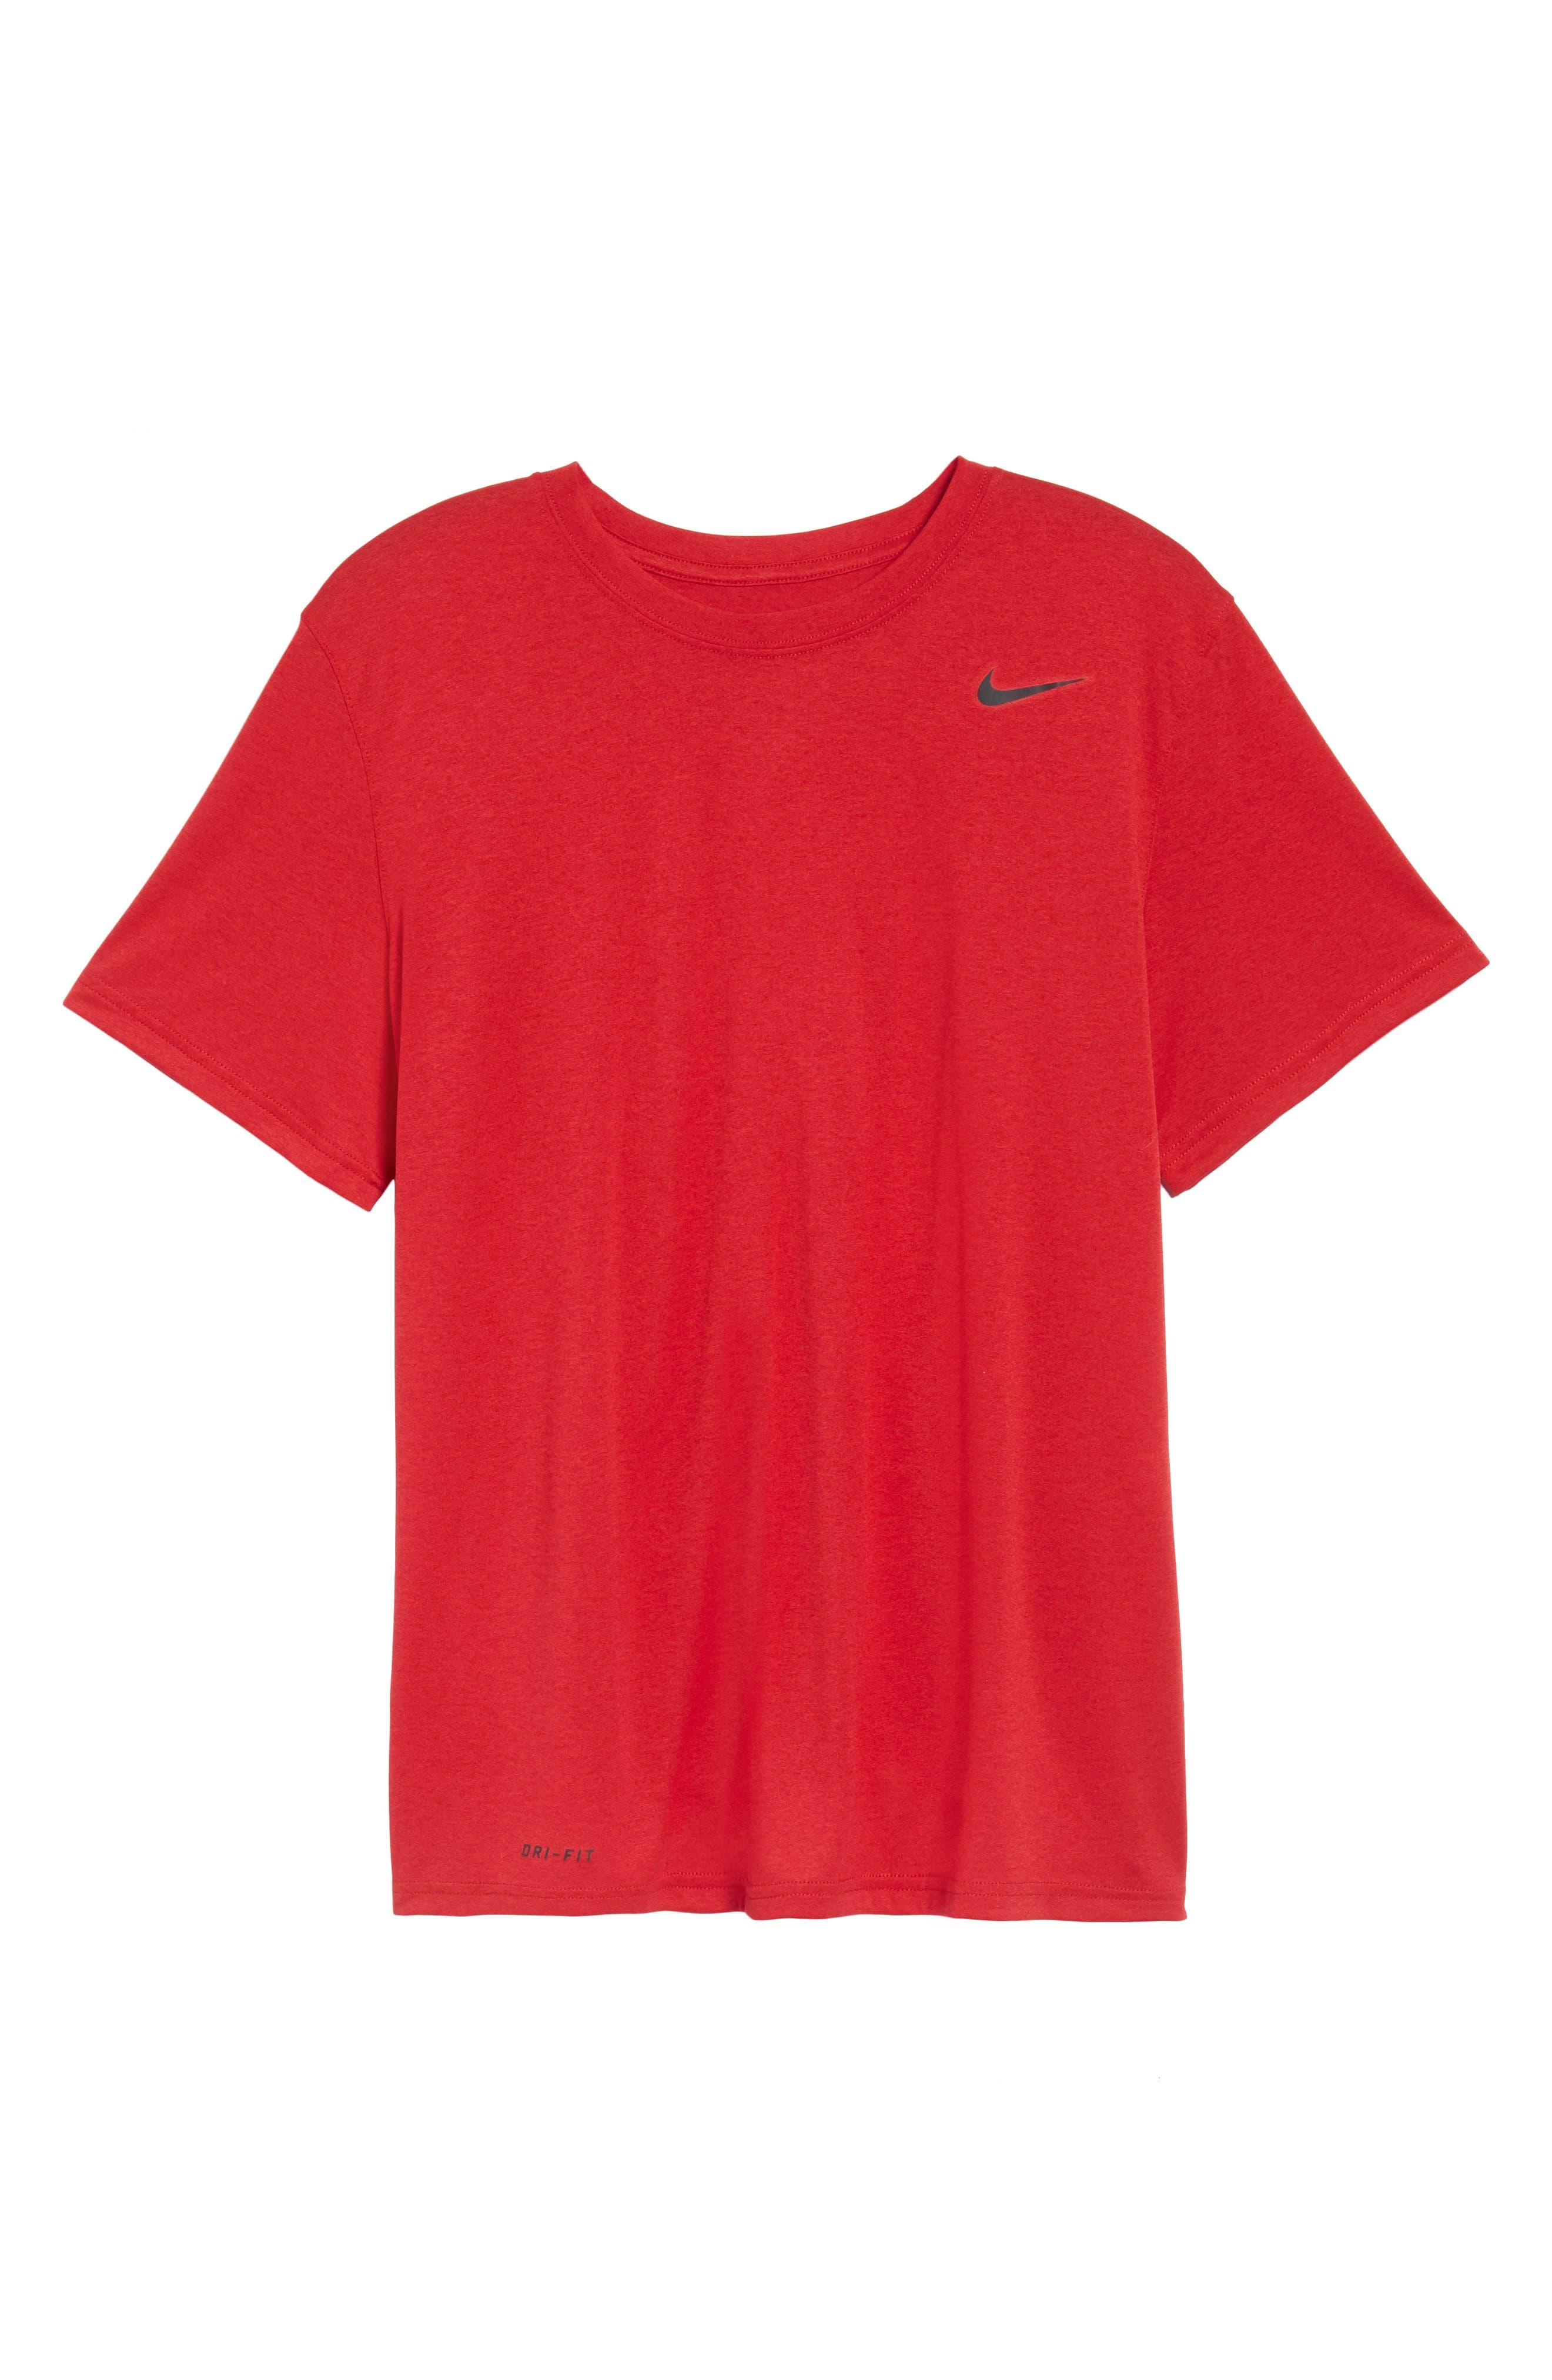 Legend 2.0 Dri-FIT Graphic T-Shirt,                             Alternate thumbnail 5, color,                             GYM RED/BLACK/BLACK